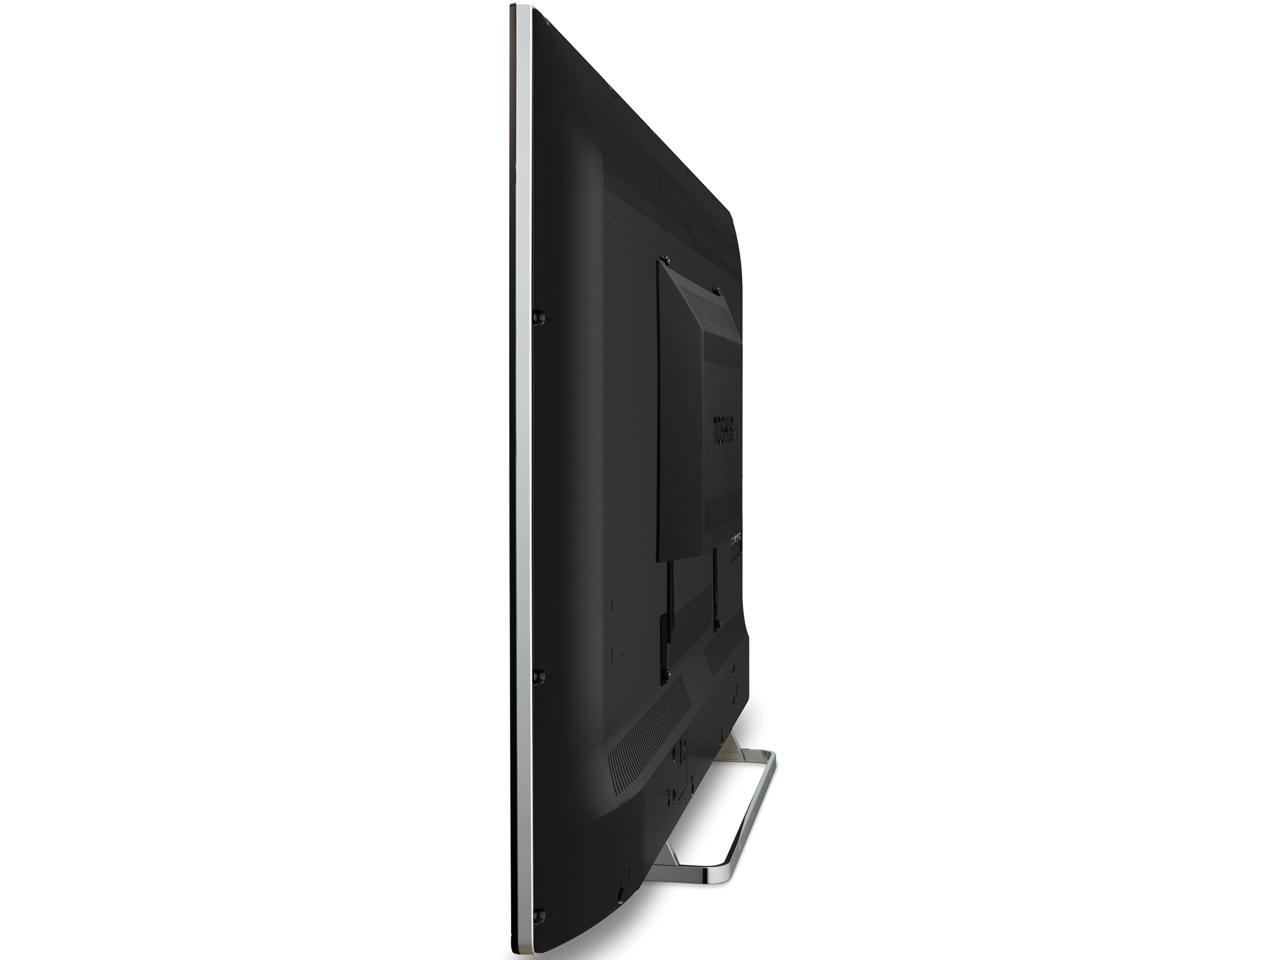 『本体 右側面』 REGZA 55Z8 [55インチ] の製品画像